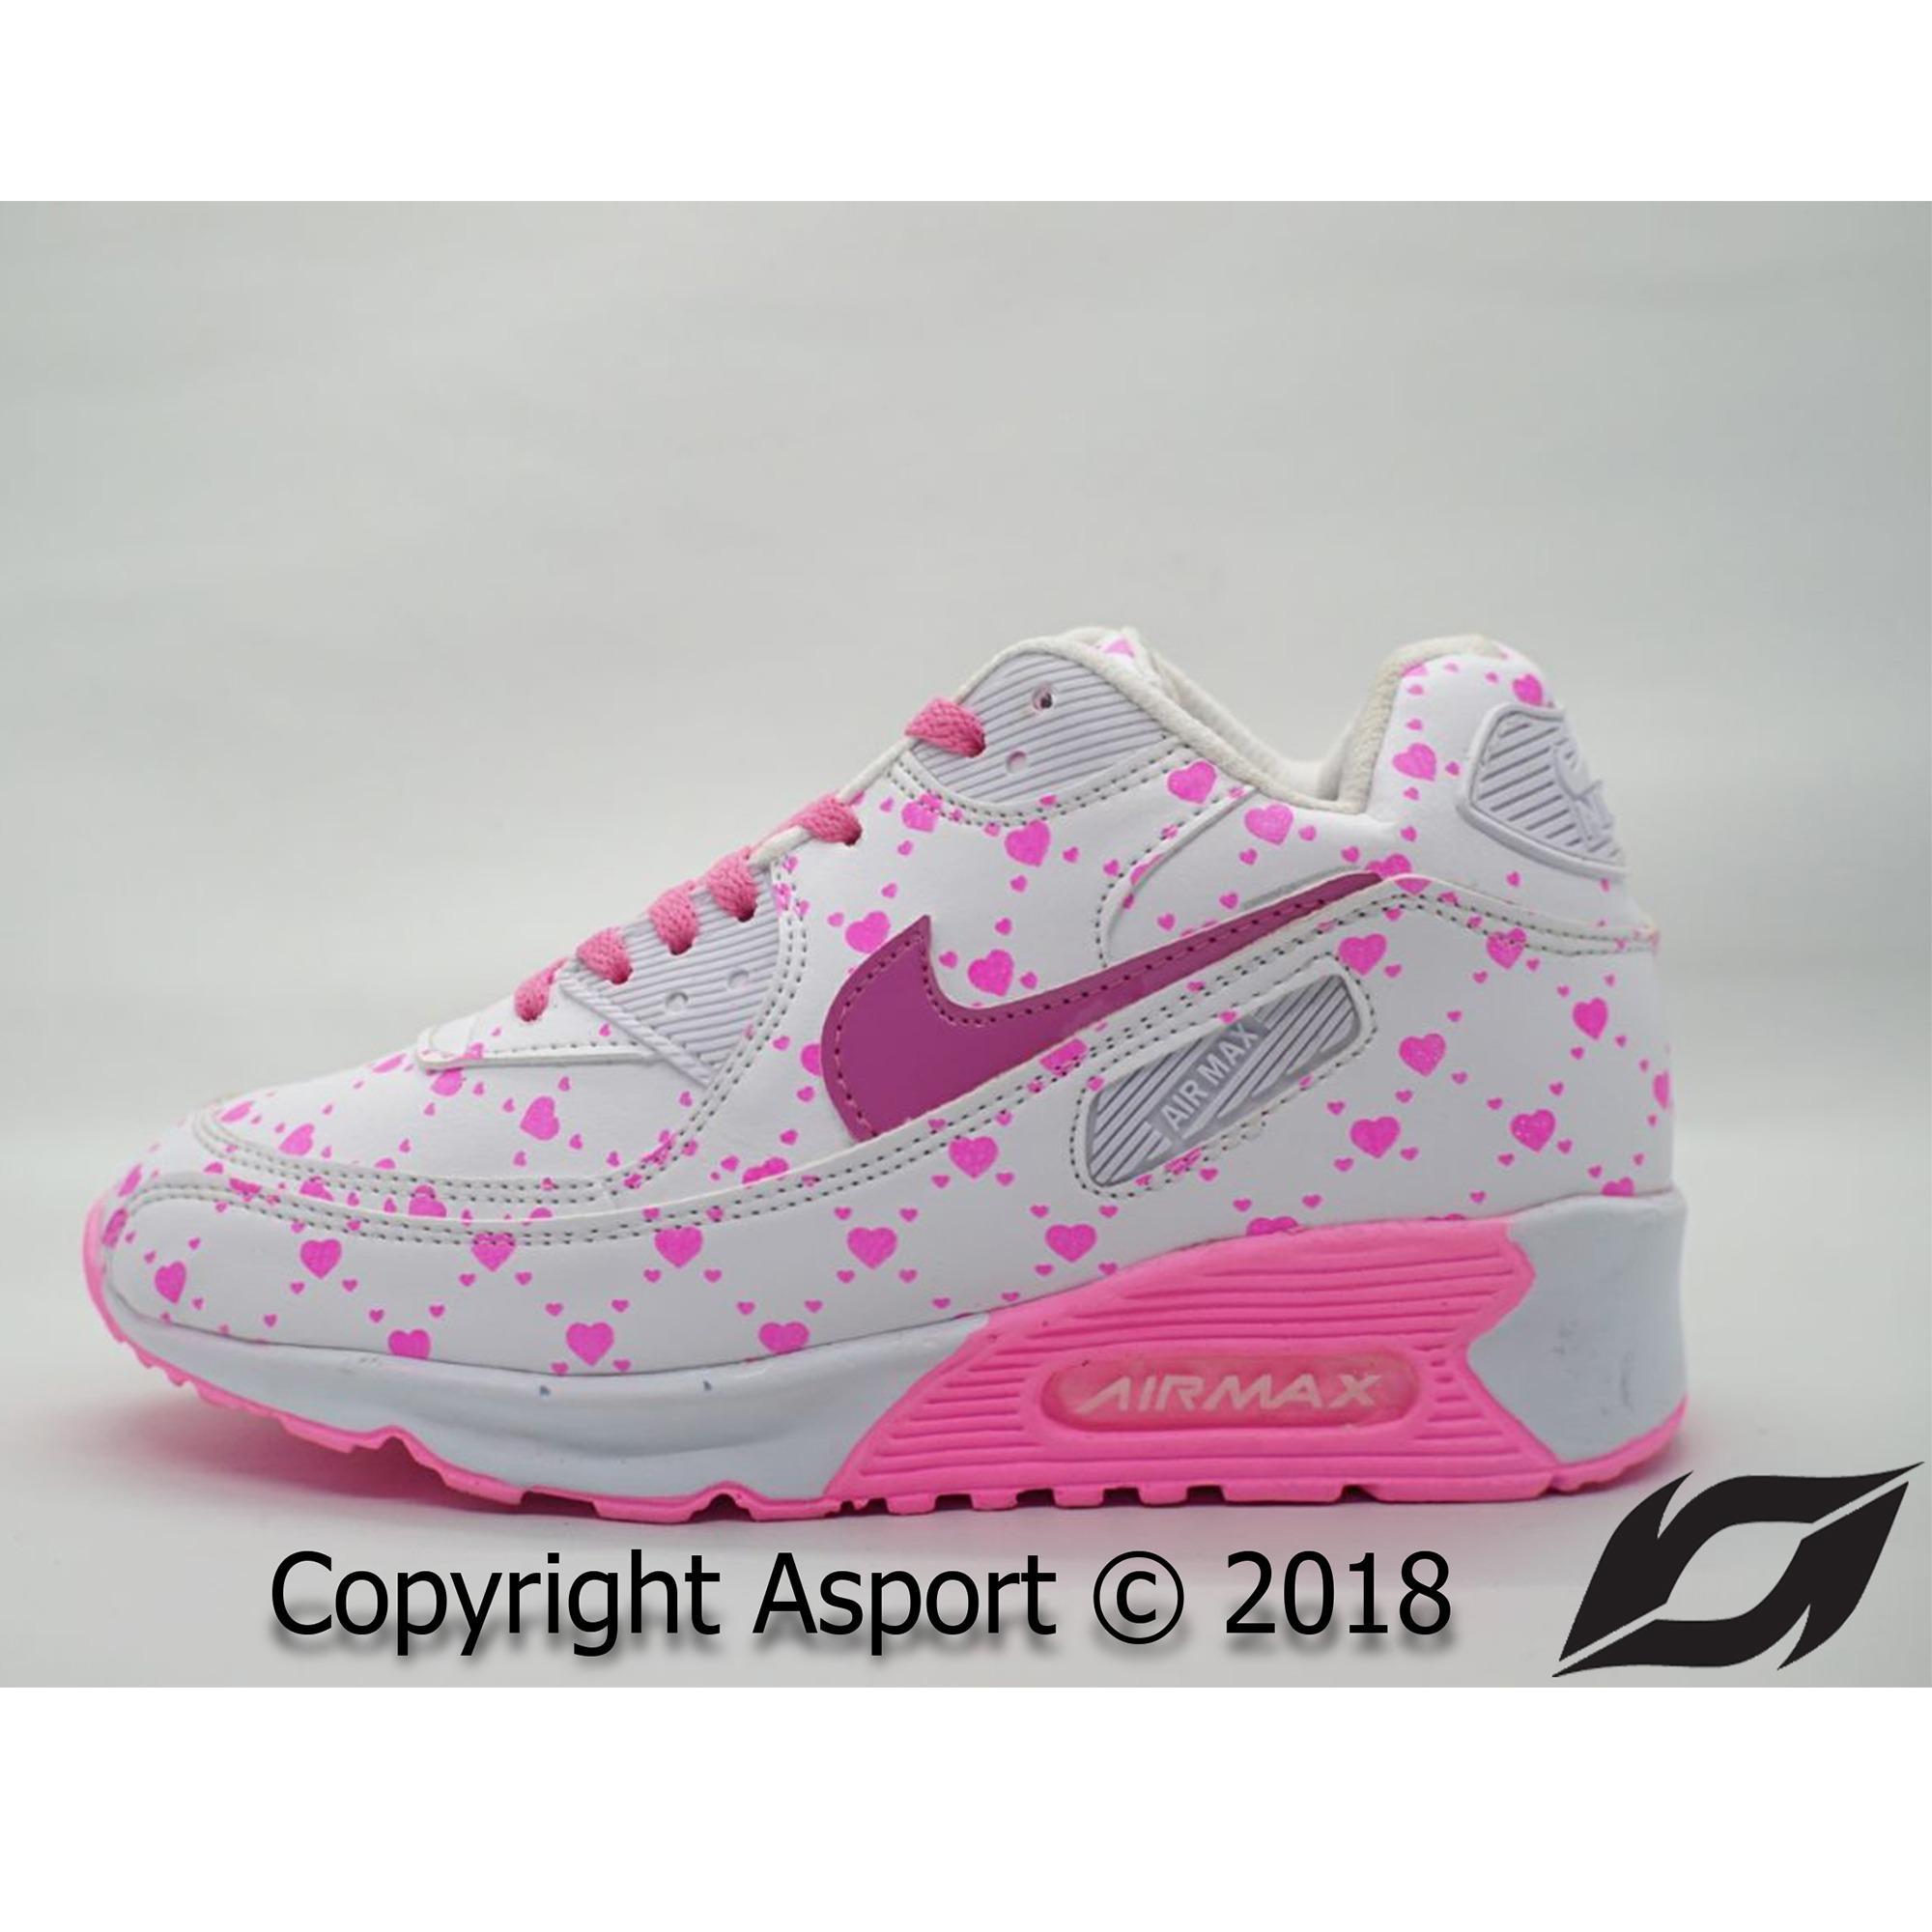 Sepatu Murah Nike Airmax 90 Kualitas Premium Warna Putih Pink Love